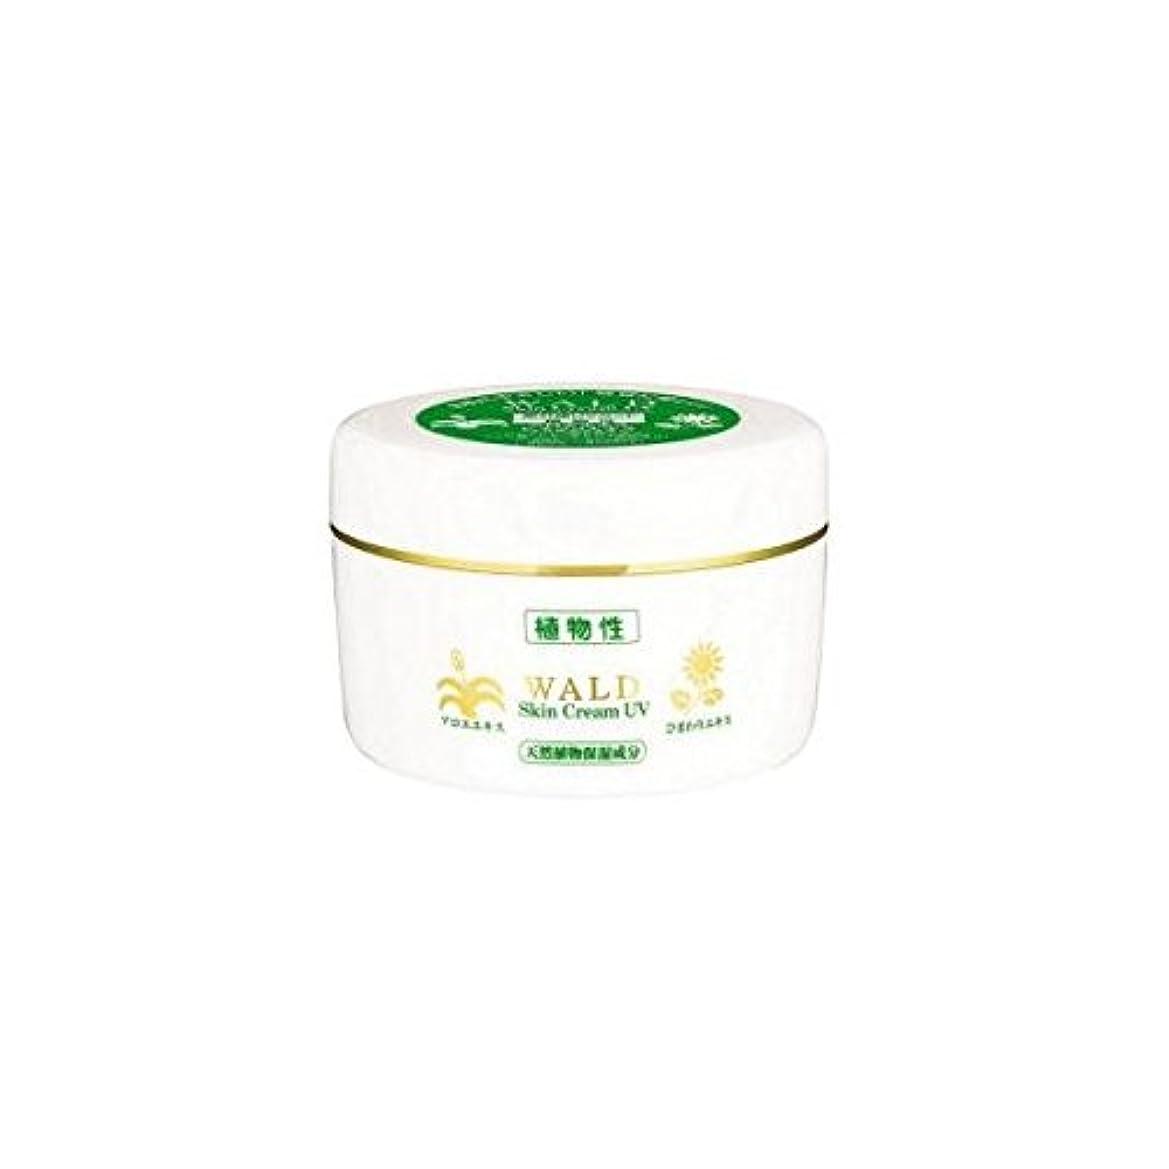 添加剤状態儀式新 ヴァルトスキンクリーム UV (WALD Skin Cream UV) 220g (1)